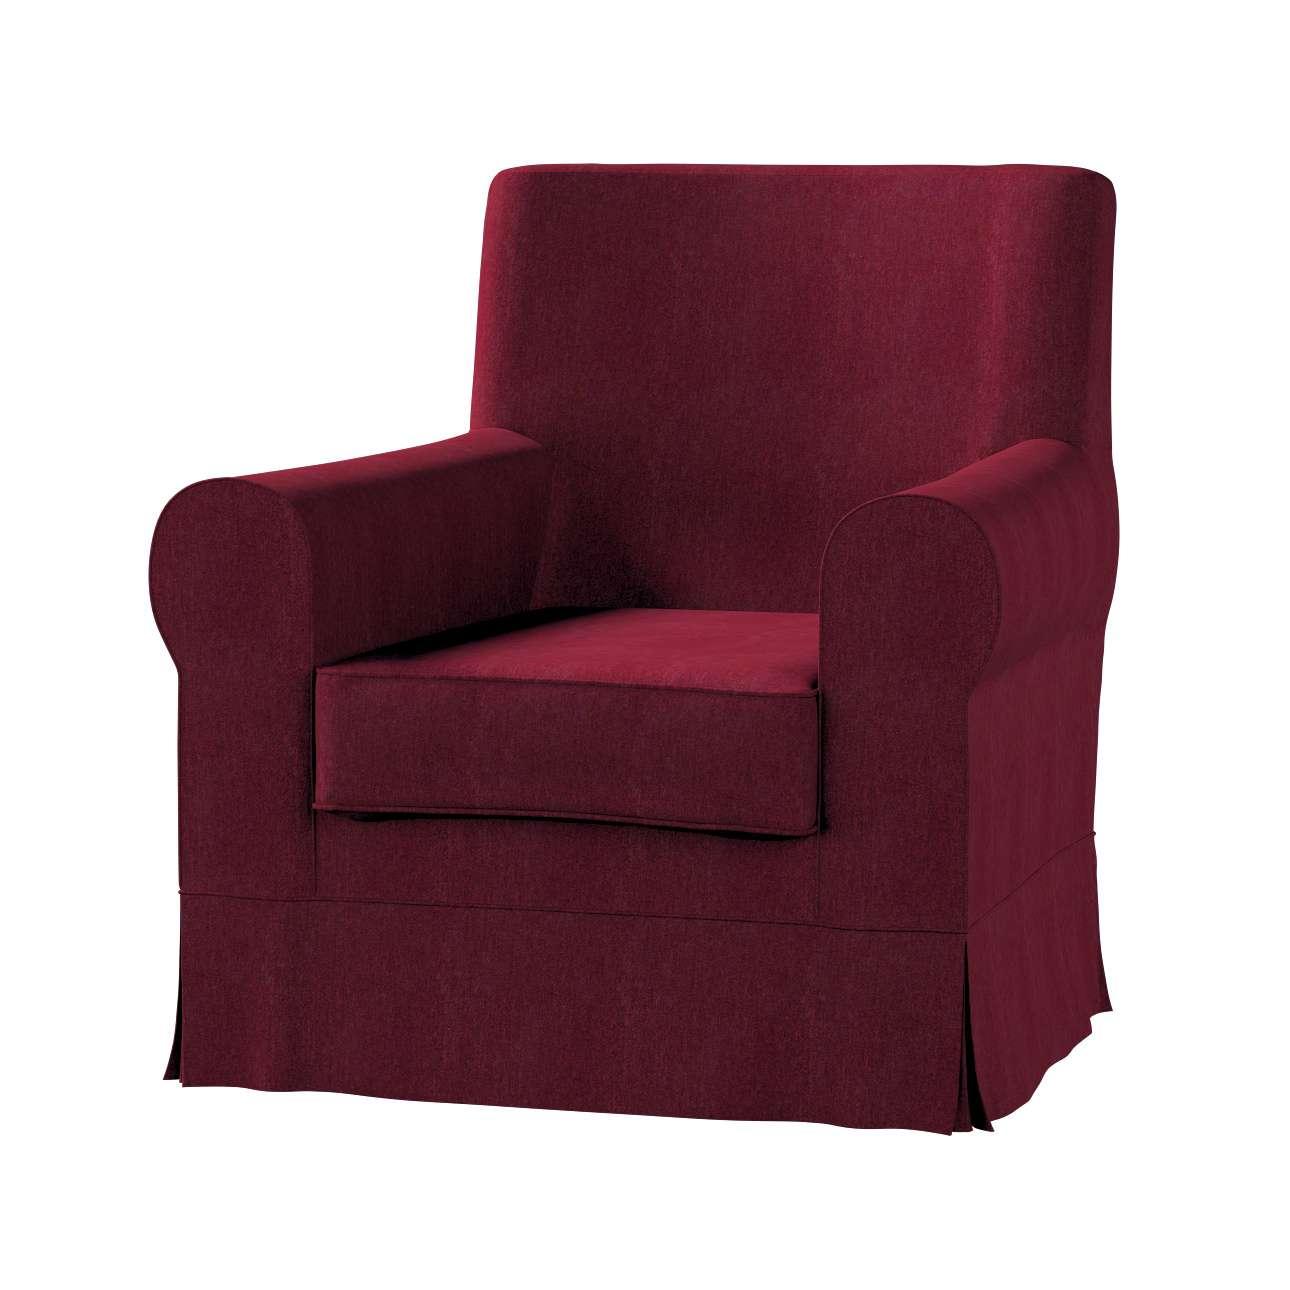 EKTORP JENNYLUND fotelio užvalkalas Ektorp Jennylund fotelio užvalkalas kolekcijoje Chenille, audinys: 702-19